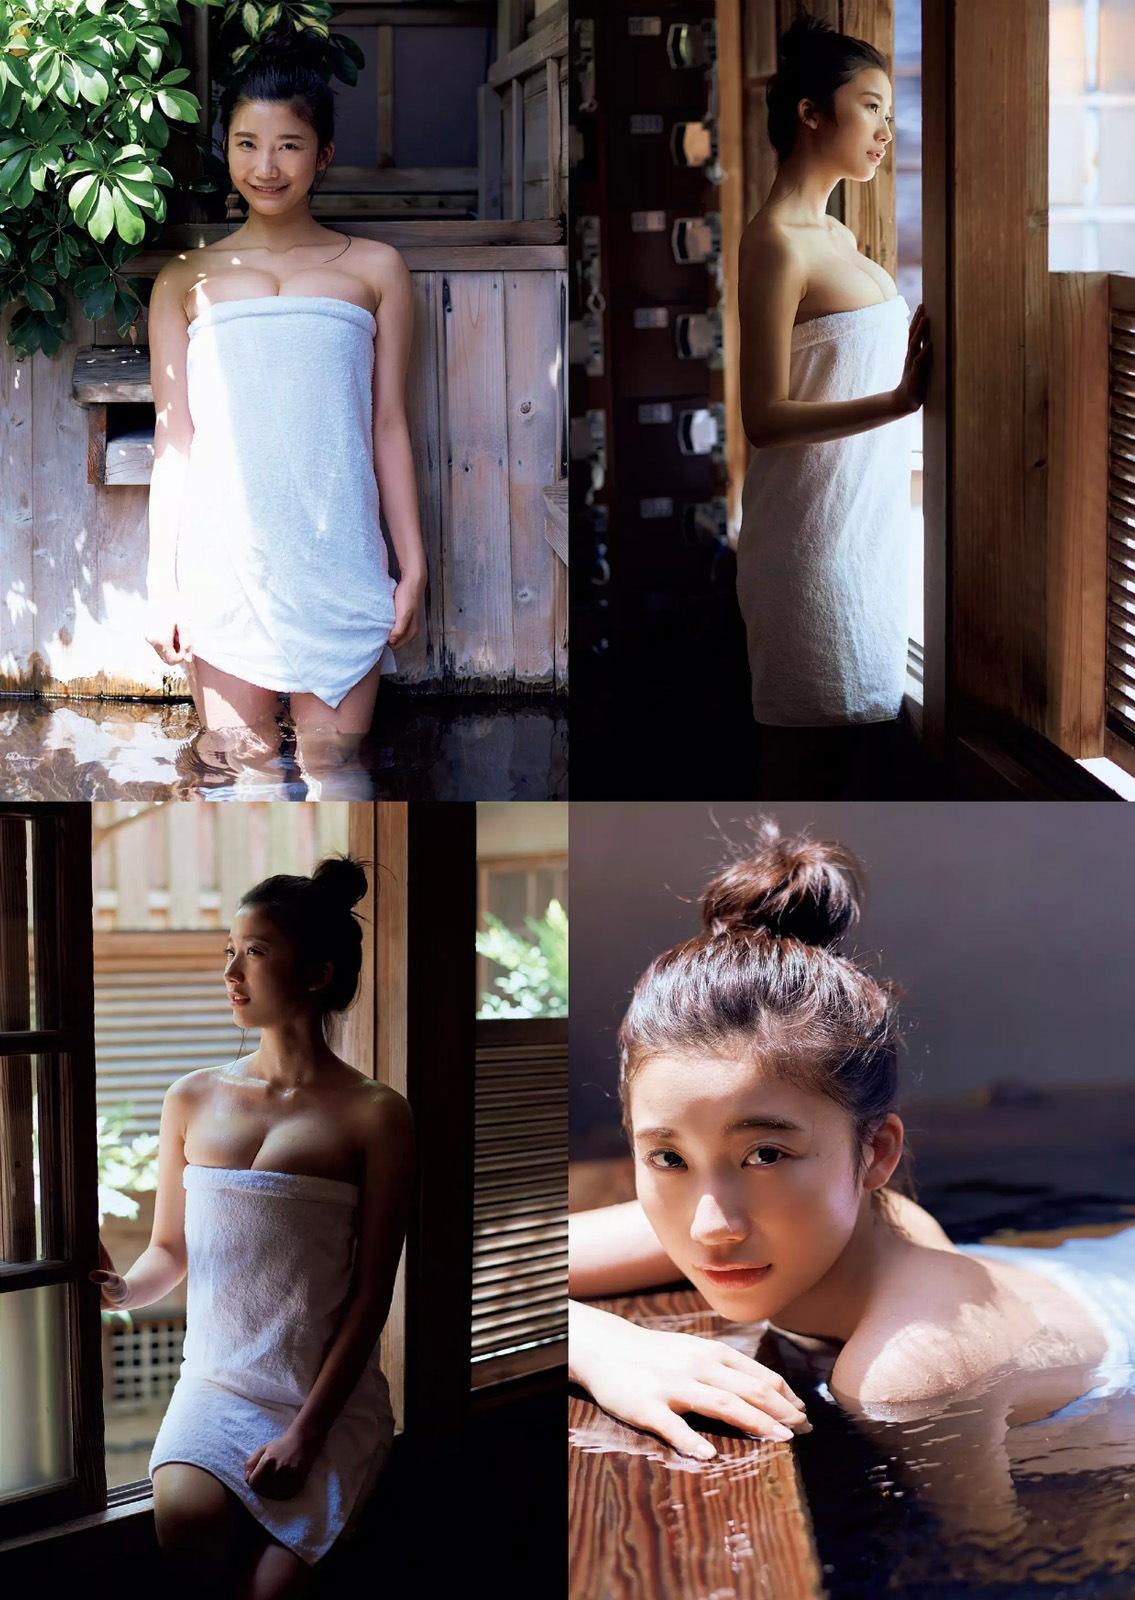 女子高生の脚ってイイよねぇぇぇ 79脚目 [無断転載禁止]©bbspink.com->画像>4130枚